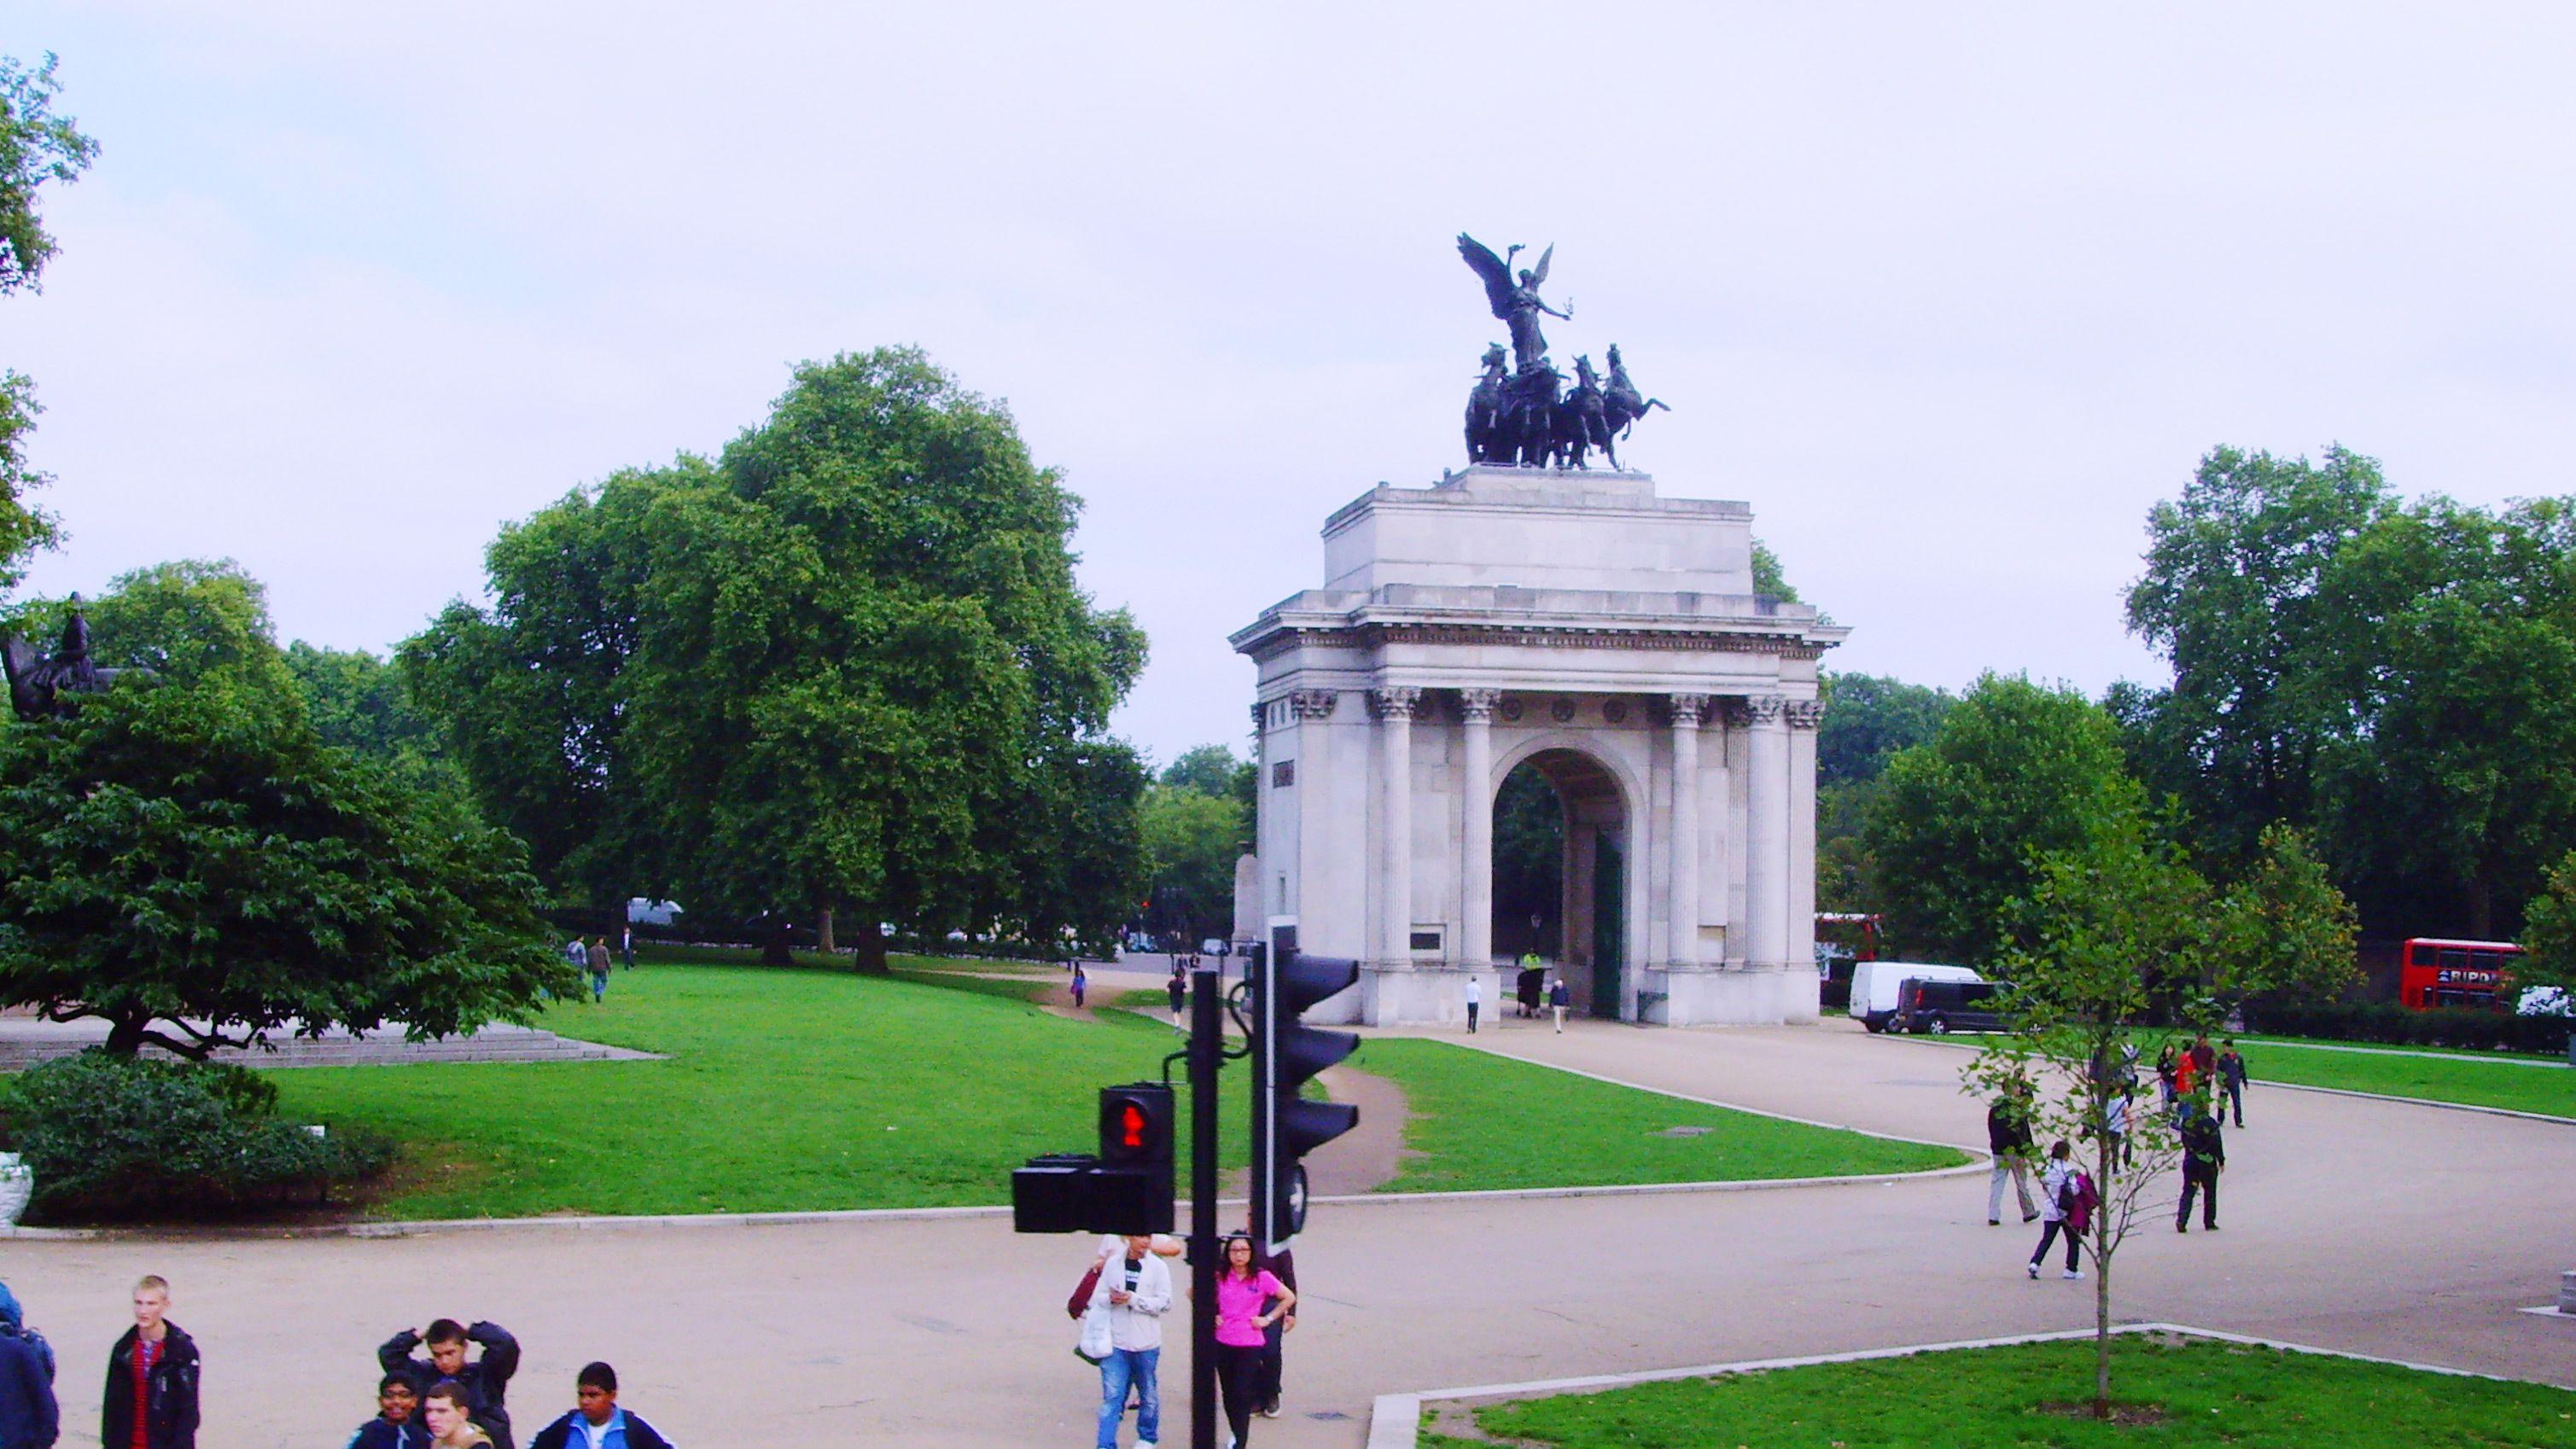 Wellington Arch in London